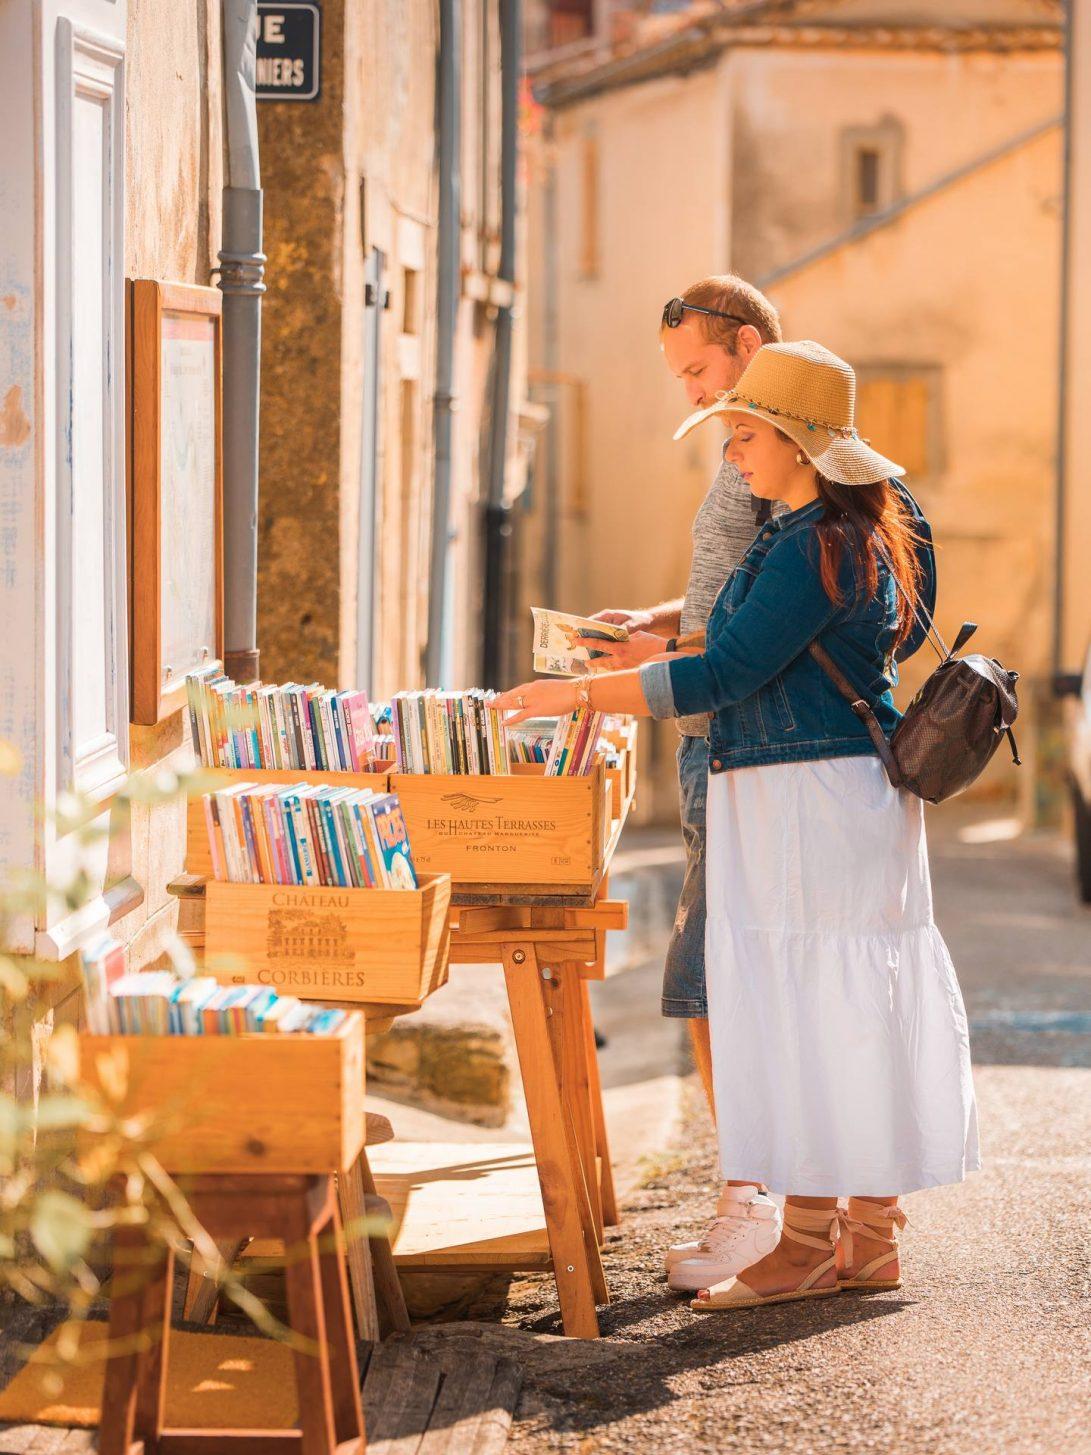 Librairie à Montolieu, village du livre © Vincent Photographie, ADT de l'Aude